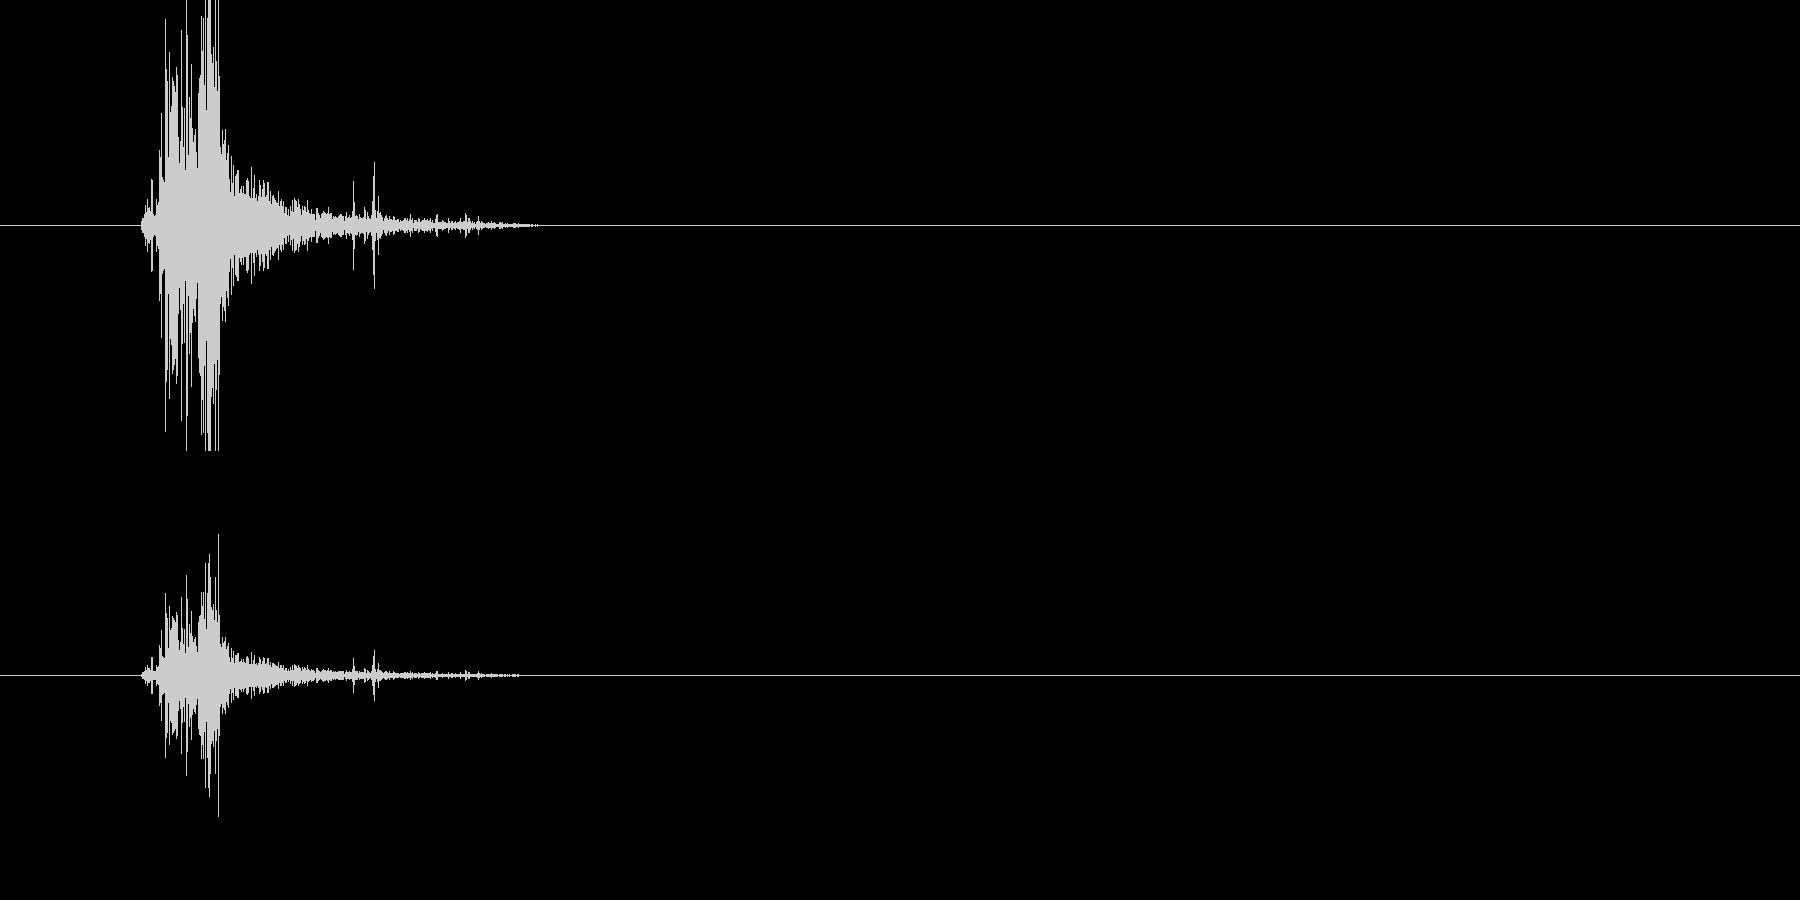 アイテム取得音(薬・弾薬系)の未再生の波形